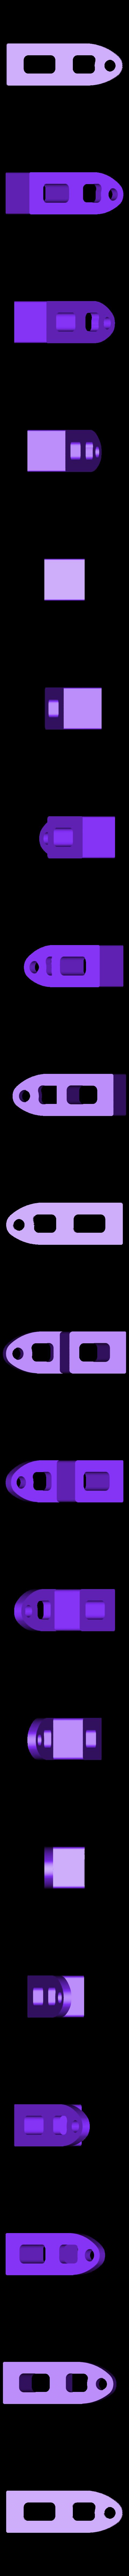 Link_Support_Frame-A.STL Download free STL file 4-8-8-4 Big Boy Locomotive • 3D printer object, RaymondDeLuca